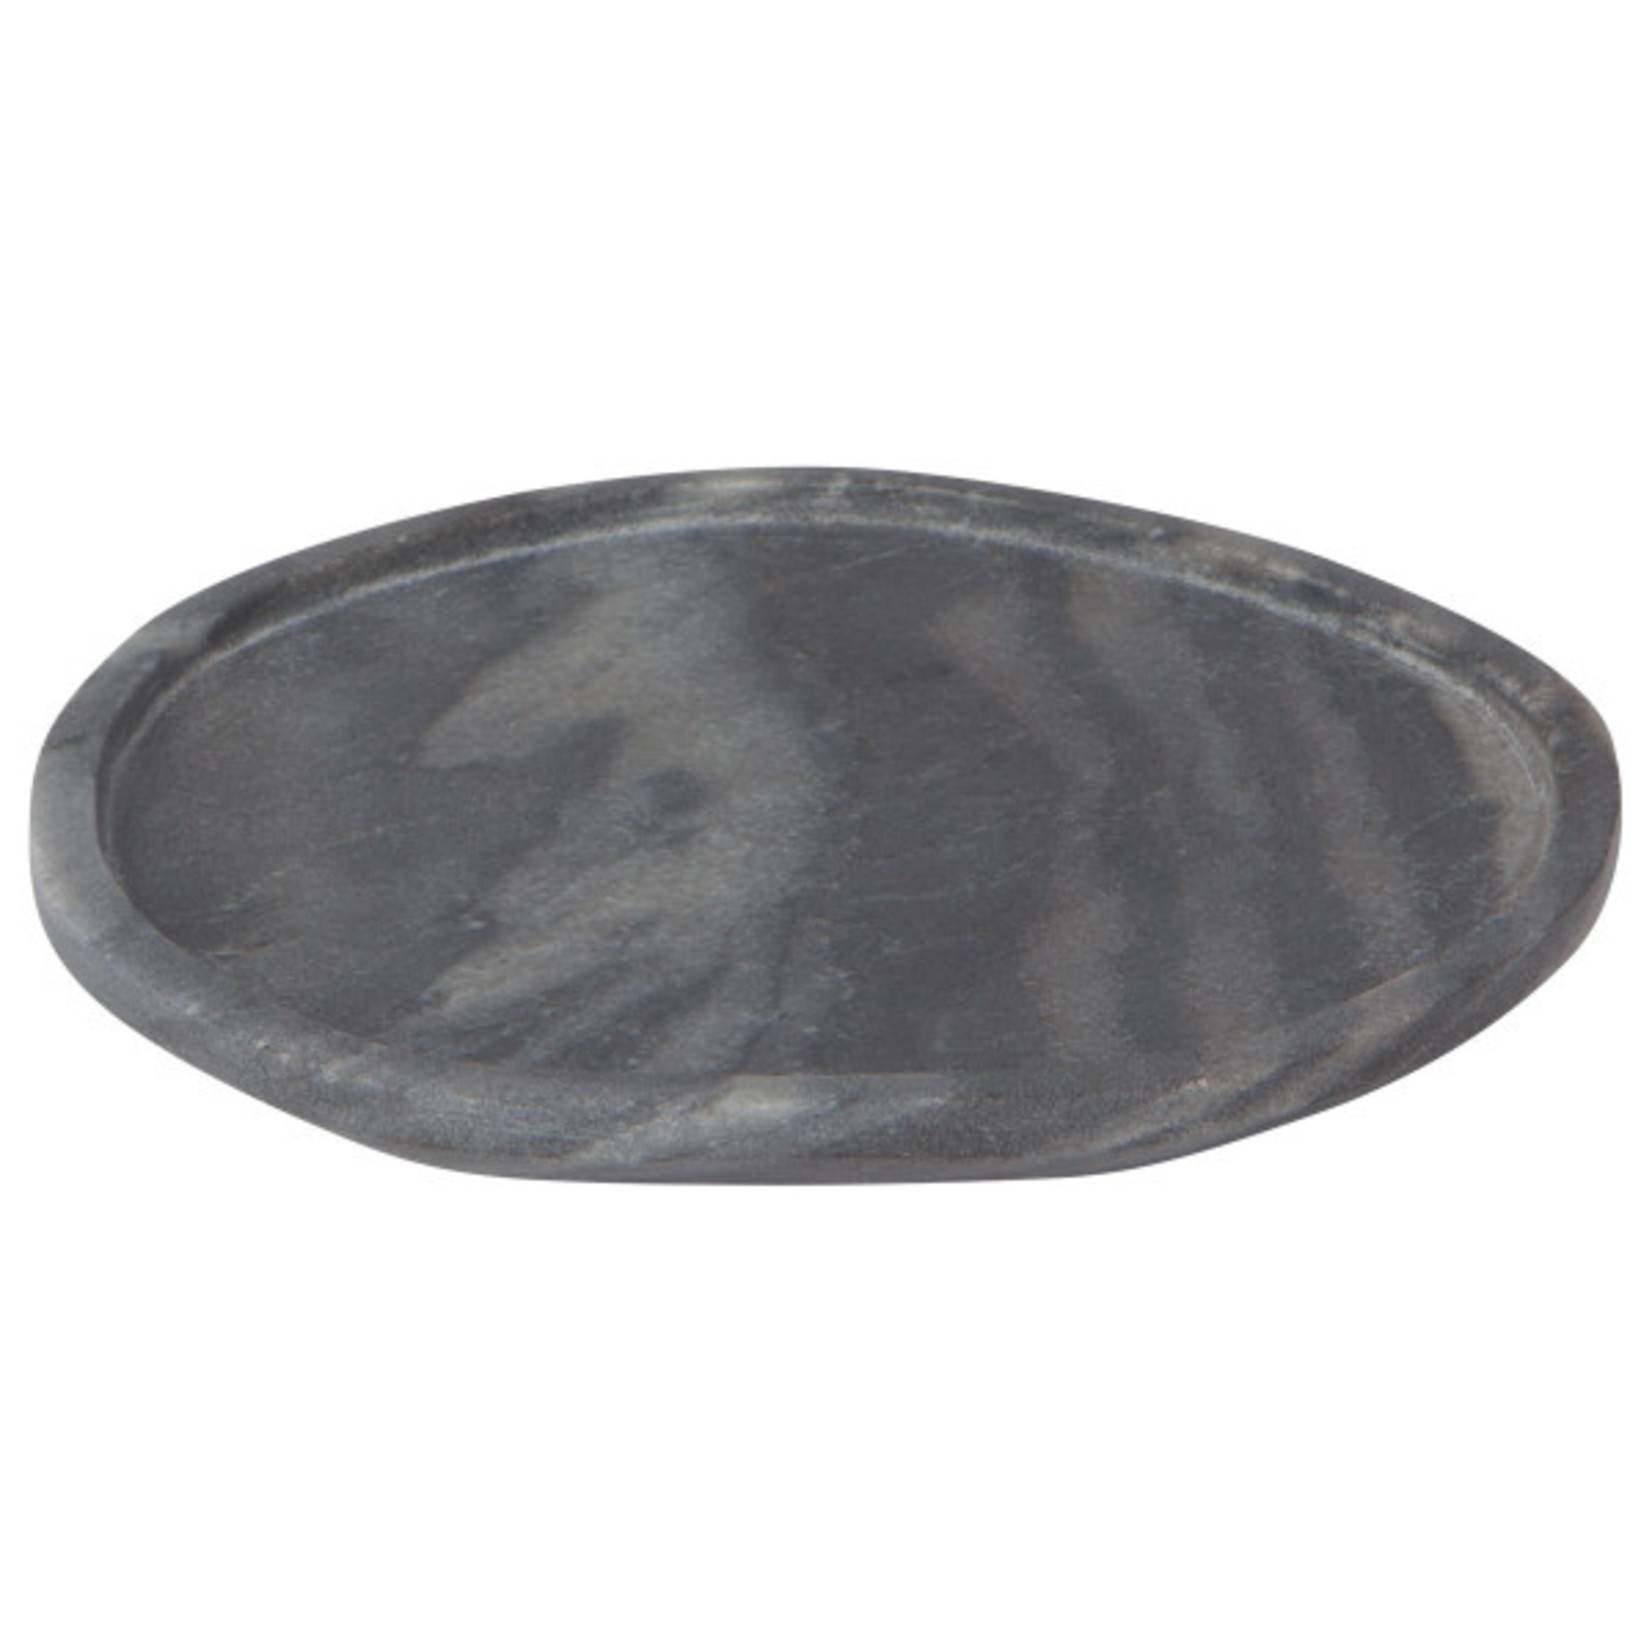 Heirloom Marble Atlas Plate